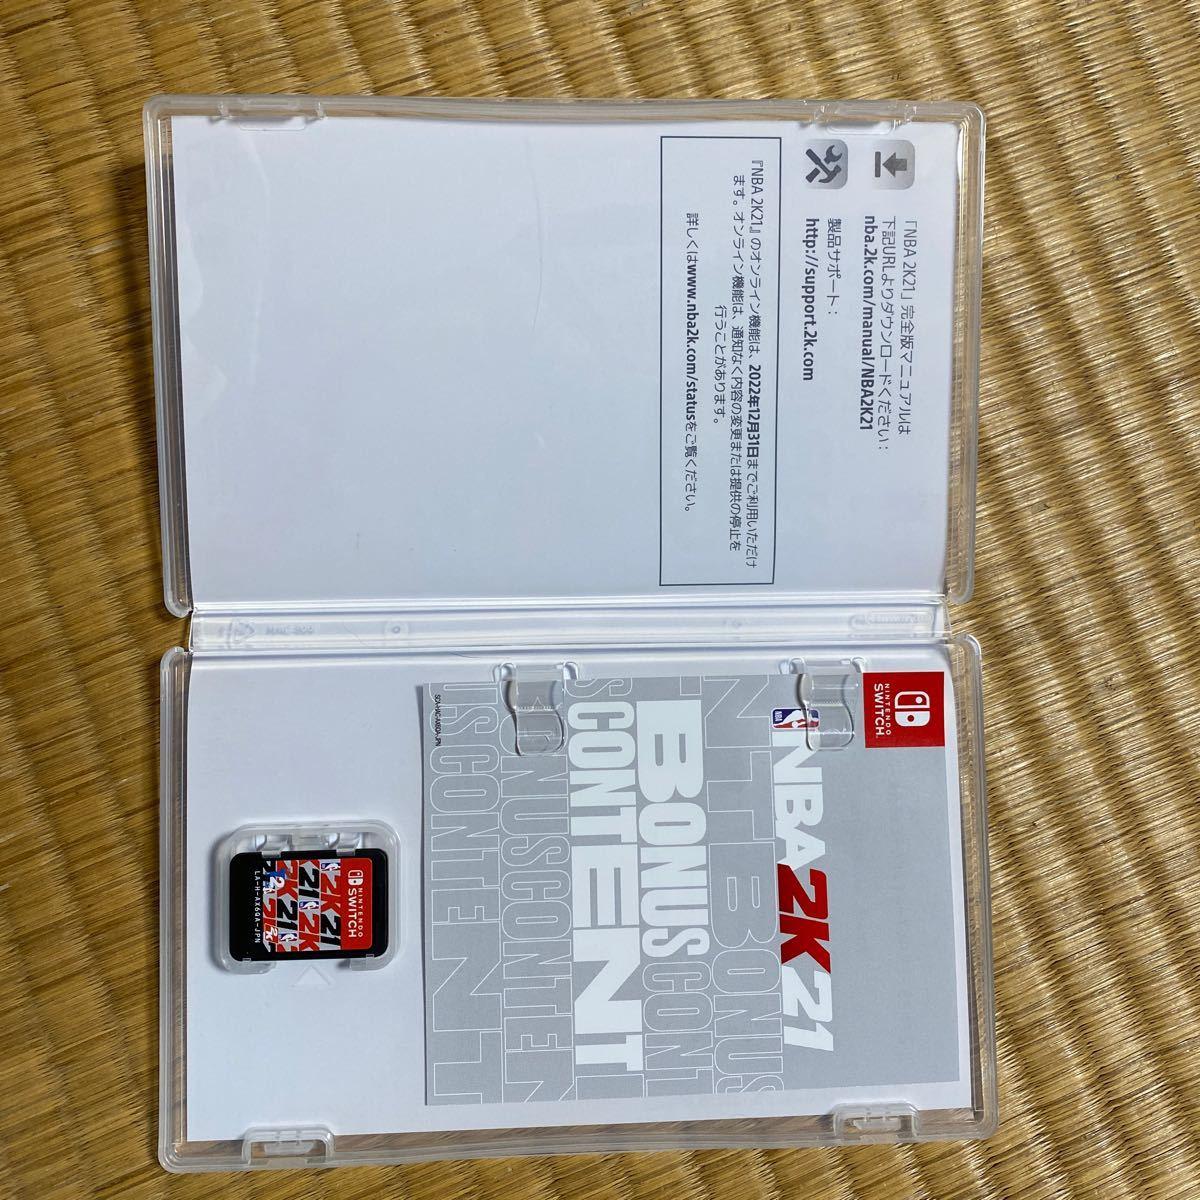 【Switch】 NBA 2K21 Nintendo Switch版